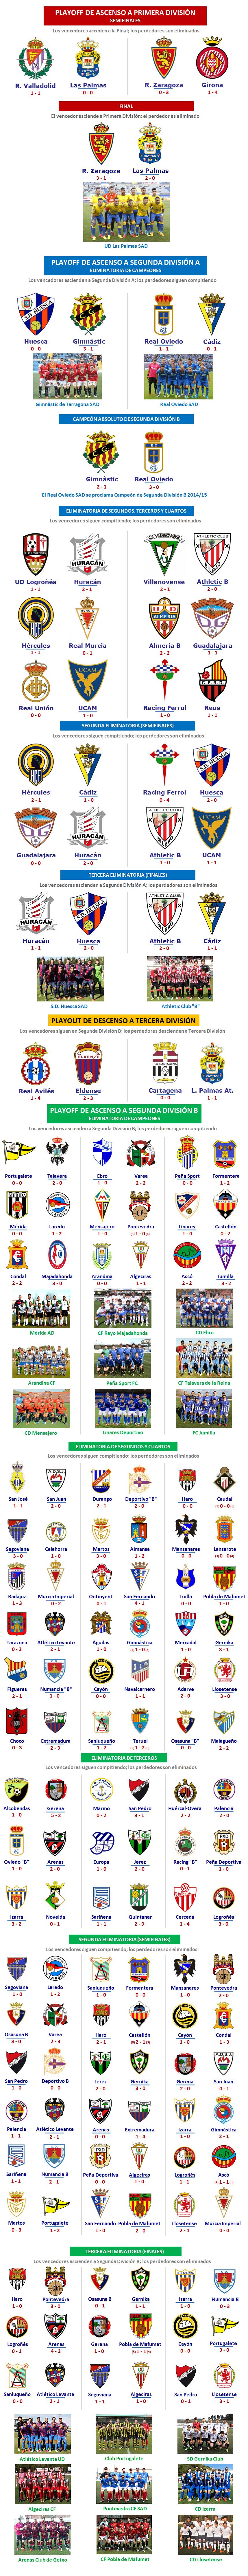 Promocion ascenso descenso 2014 2015